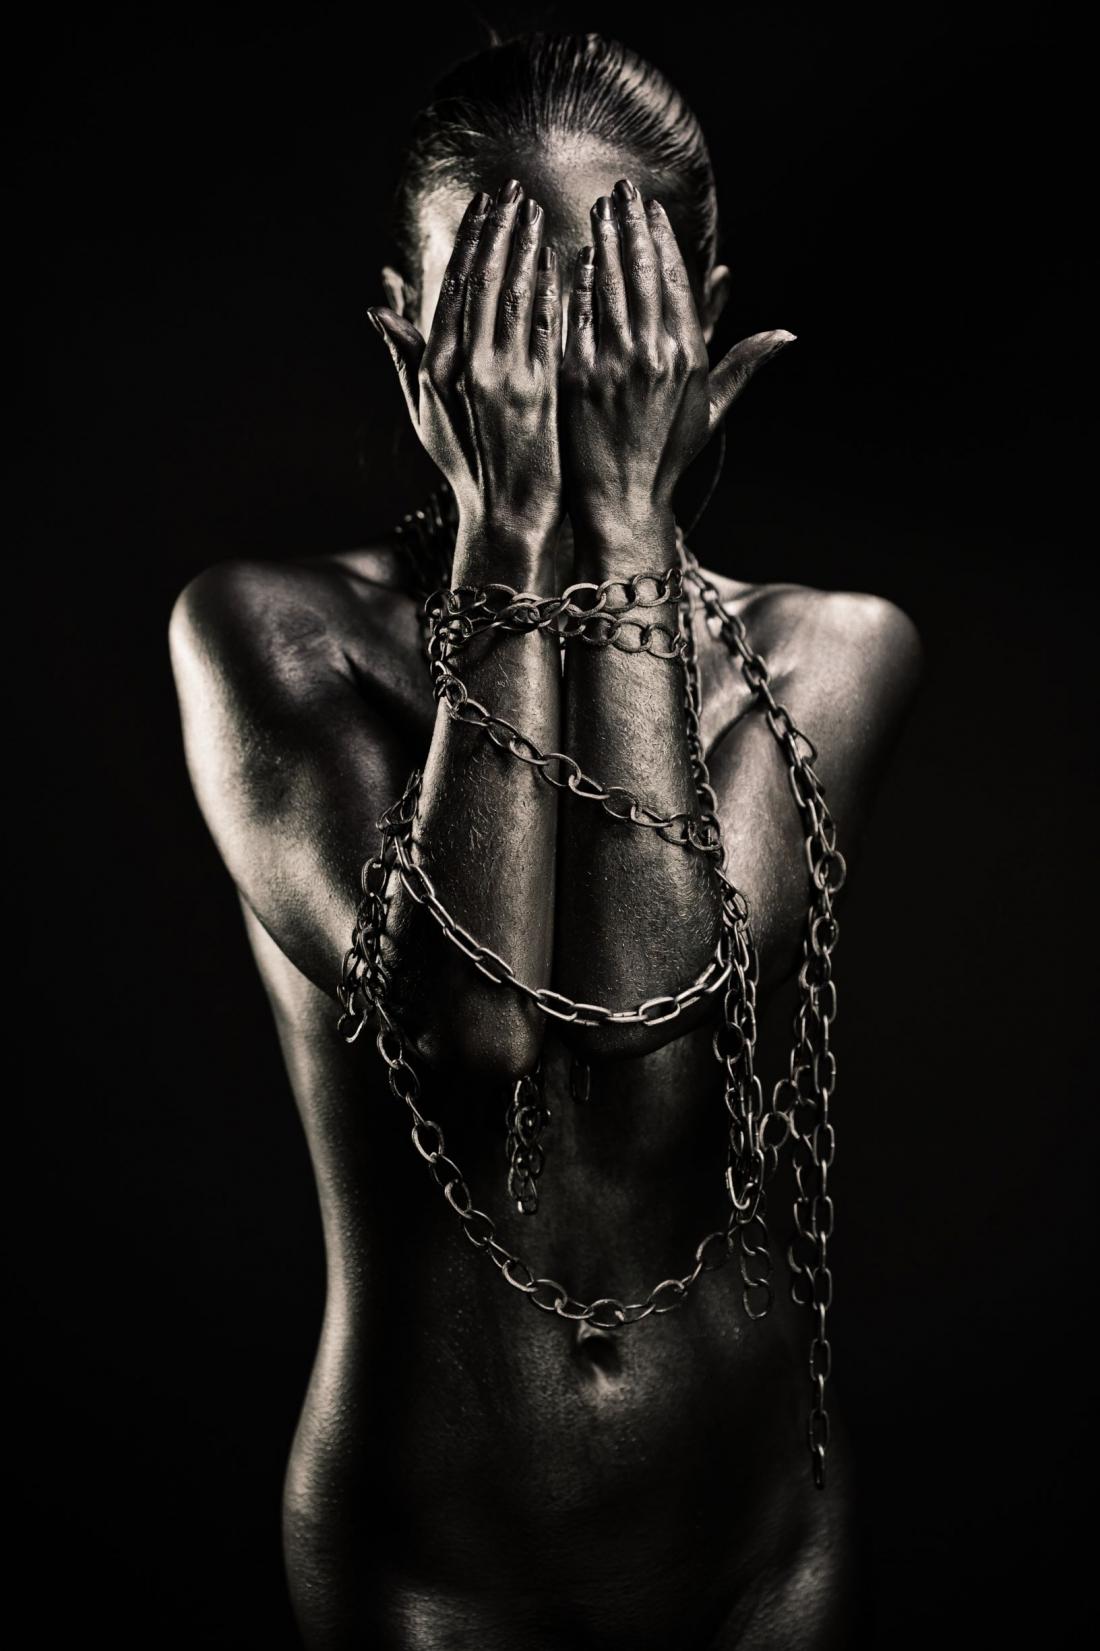 Fotokunst vrouw met kettingen 100x75